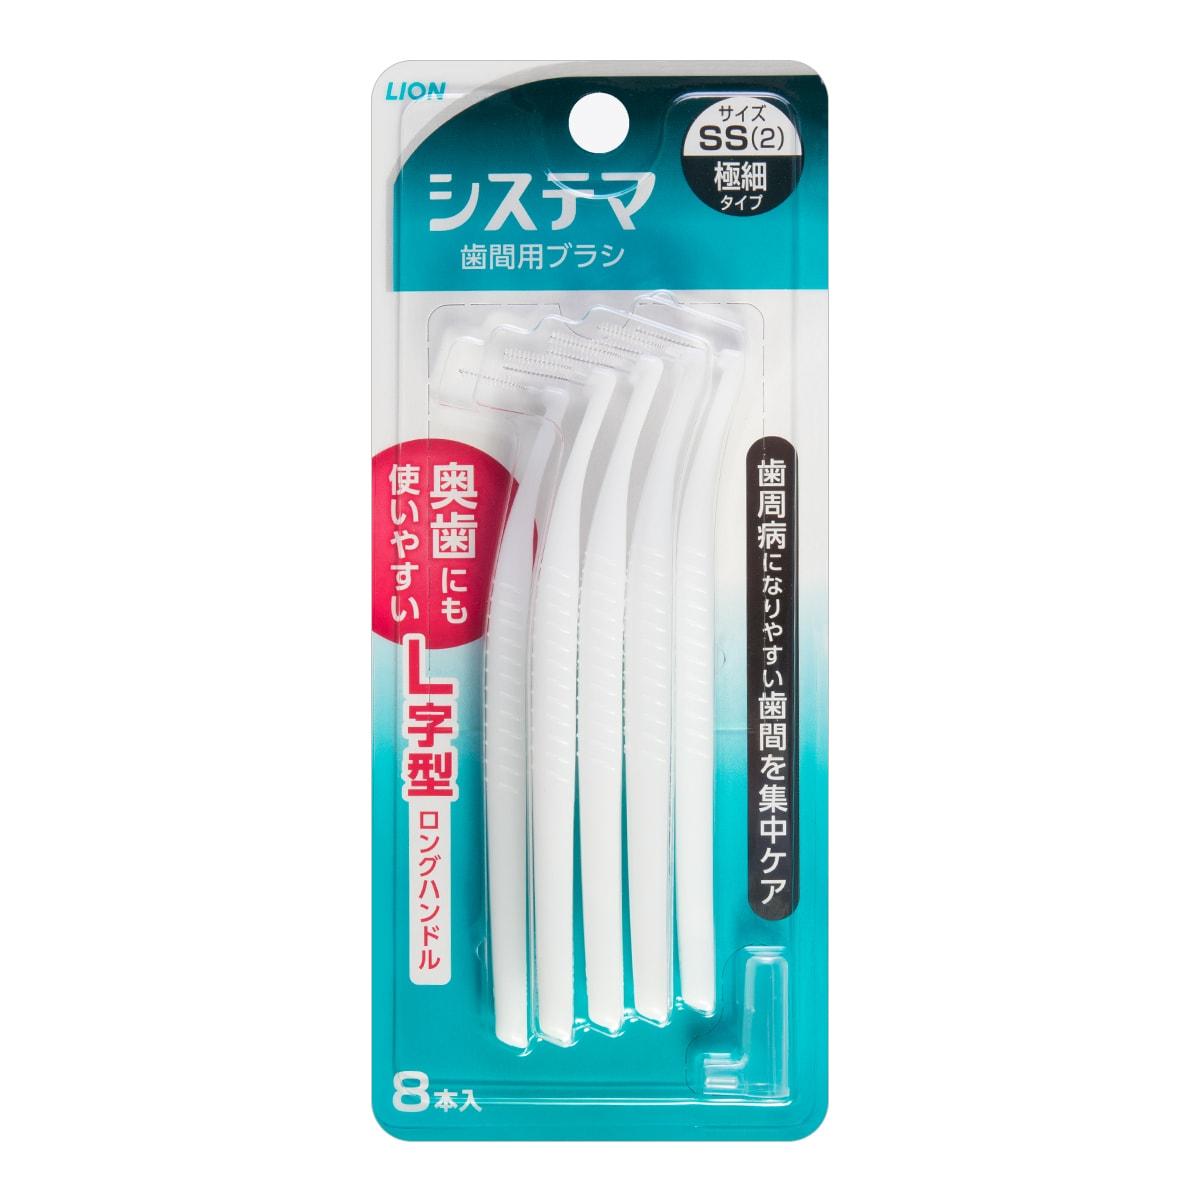 日本LION 狮王 细齿洁牙缝刷 SS极细 8支入